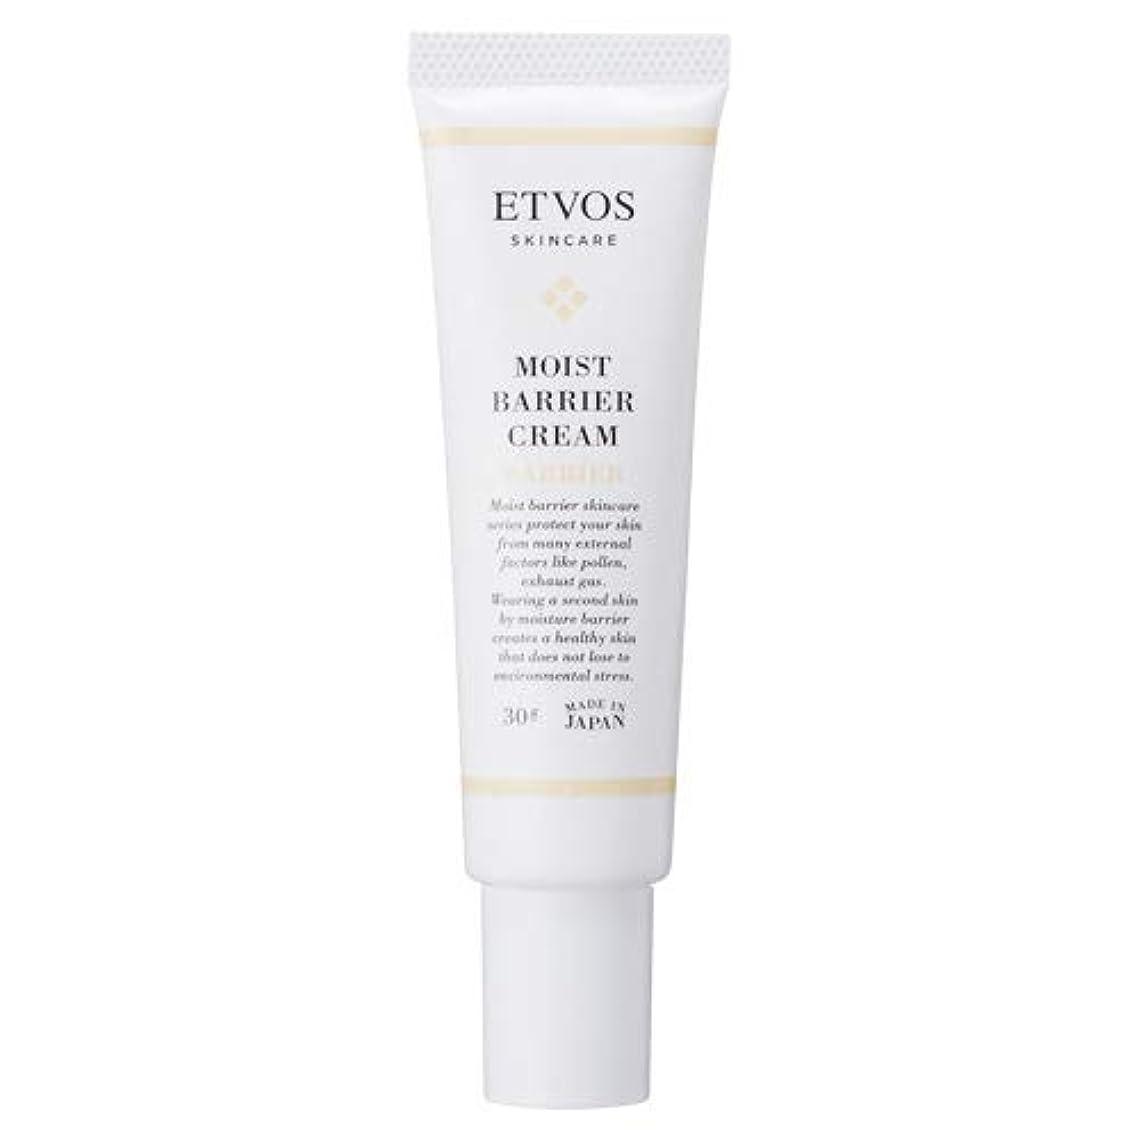 ばかマニュアル静かなETVOS(エトヴォス) 皮膚保護クリーム モイストバリアクリーム 30g 肌荒れ/敏感肌 花粉/PM2.5/ハウスダスト